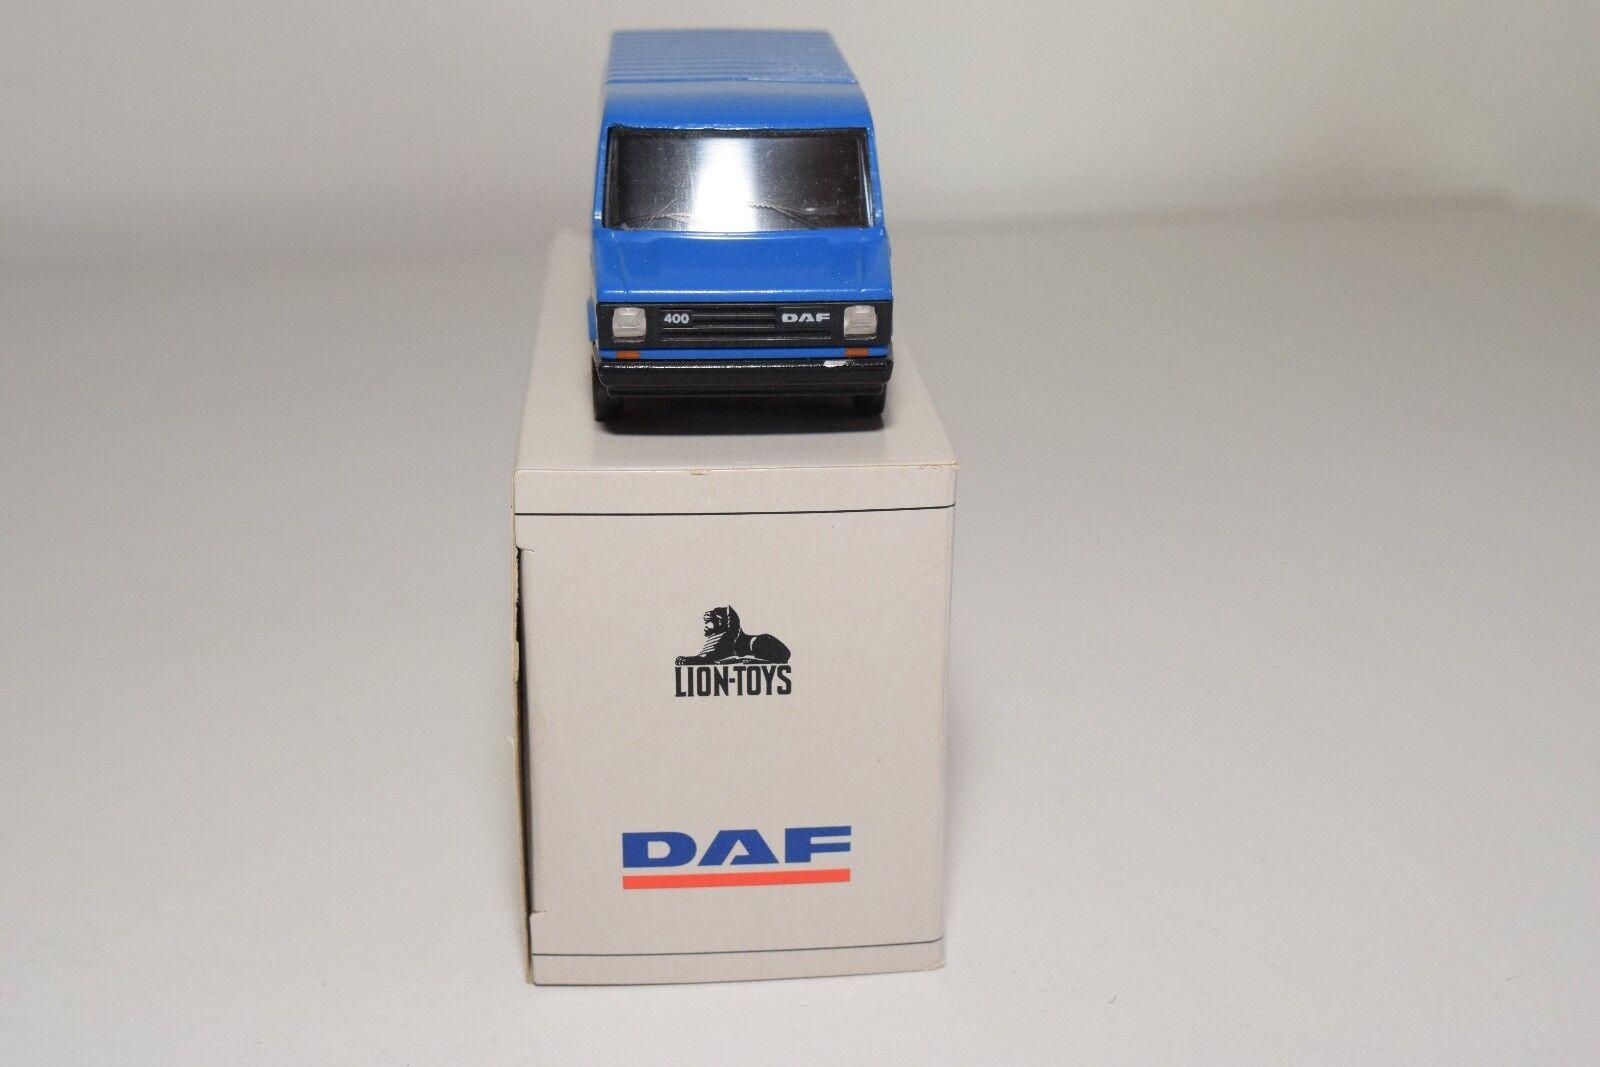 ± LION CAR DAF DAF DAF 400 BUS VAN STER BANDENSERVICE VERY NEAR MINT BOXED 09c6d0